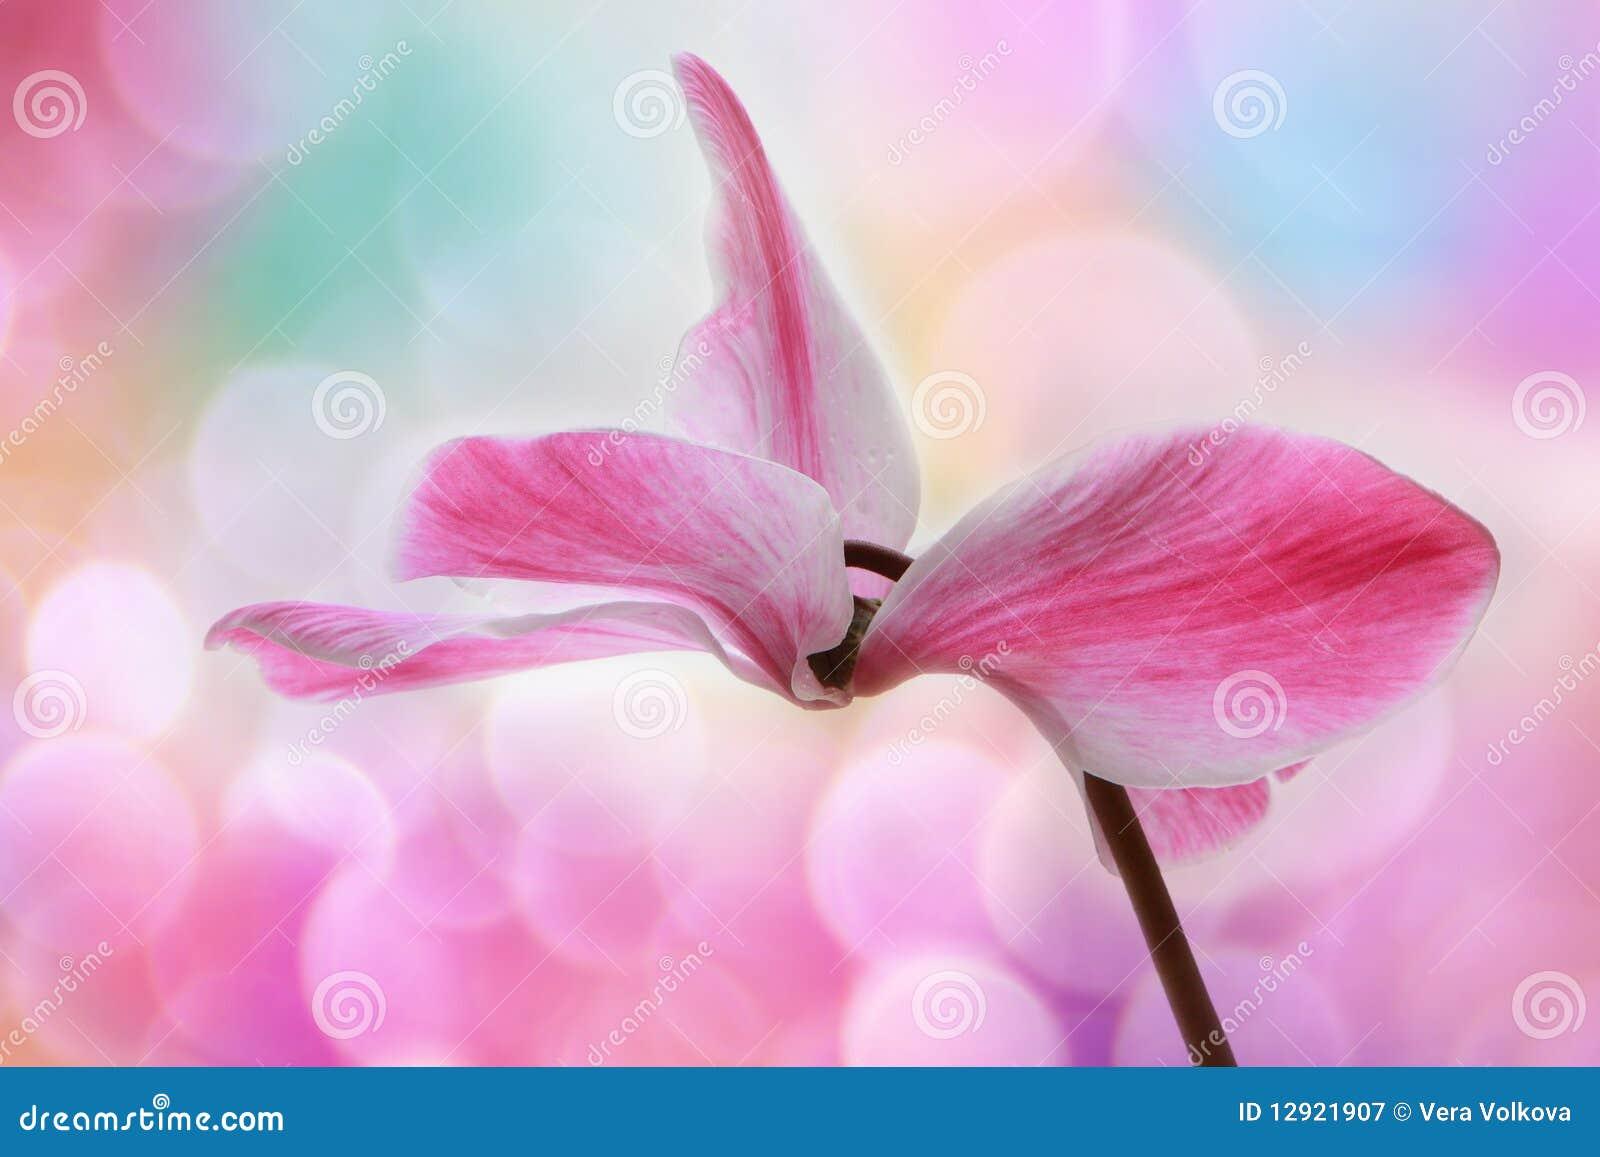 Cyclamen blomman